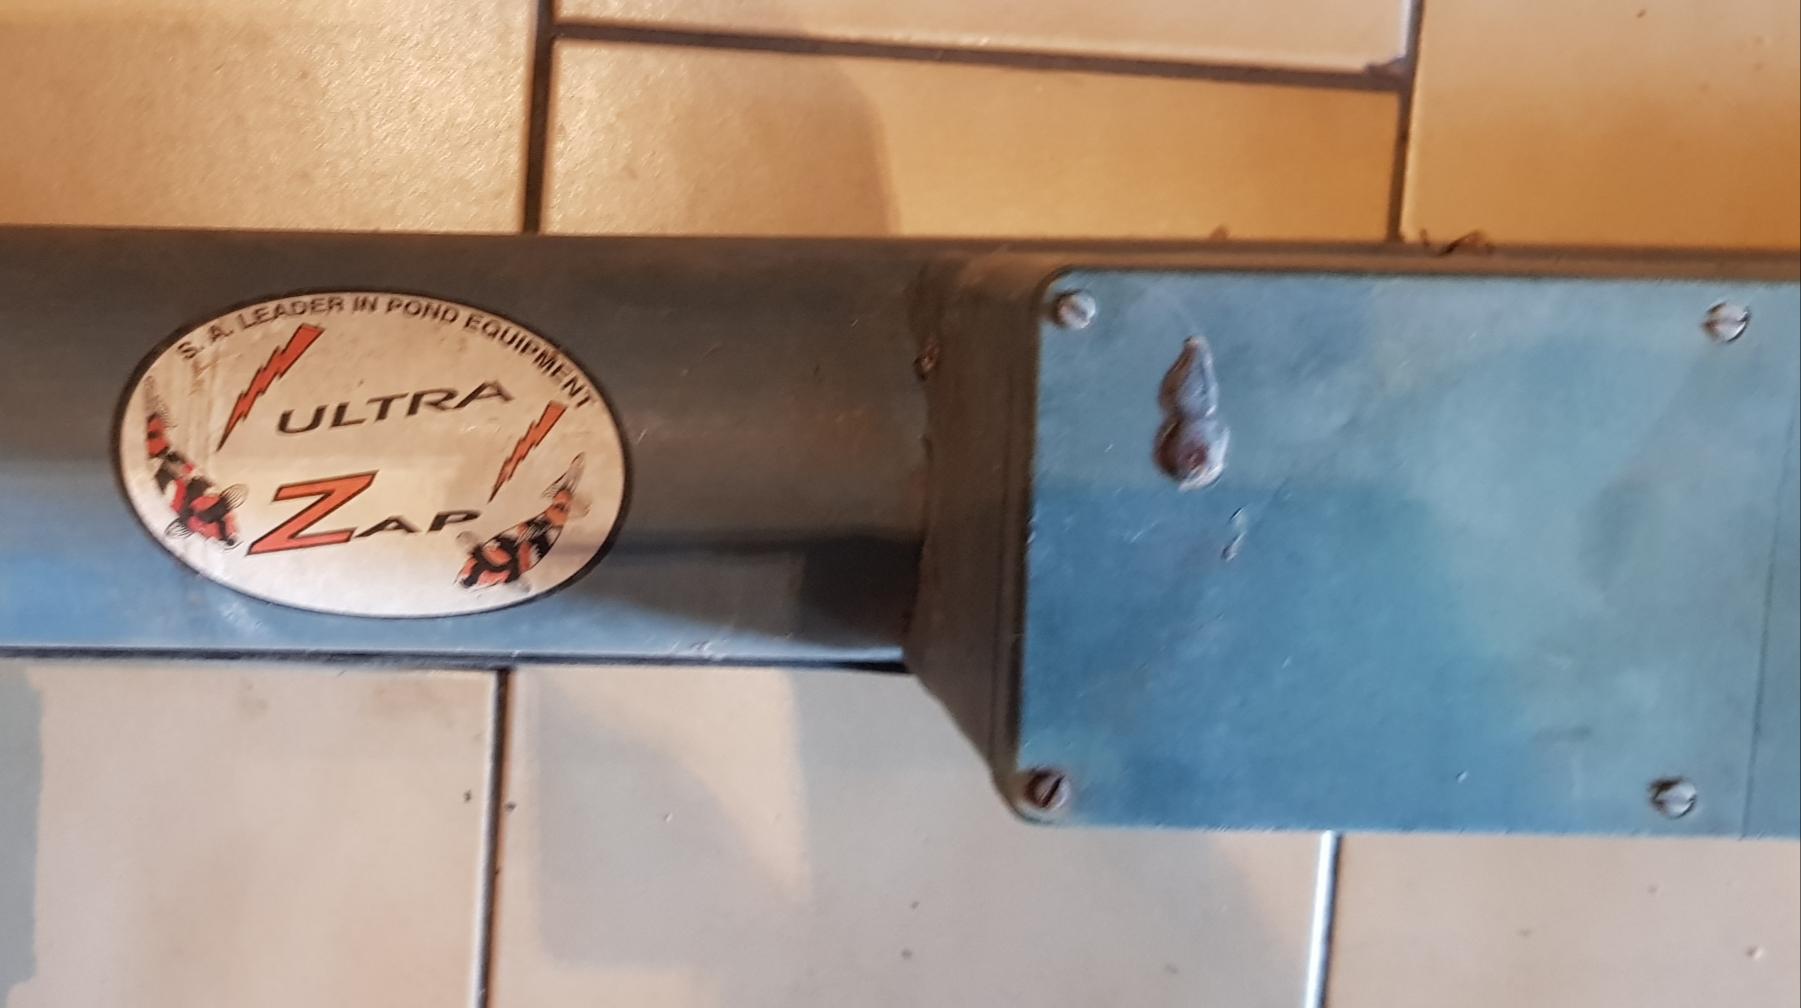 UV Utra Zap Pond Water Clarifier Sterilizer 55W 300LPM 2nd